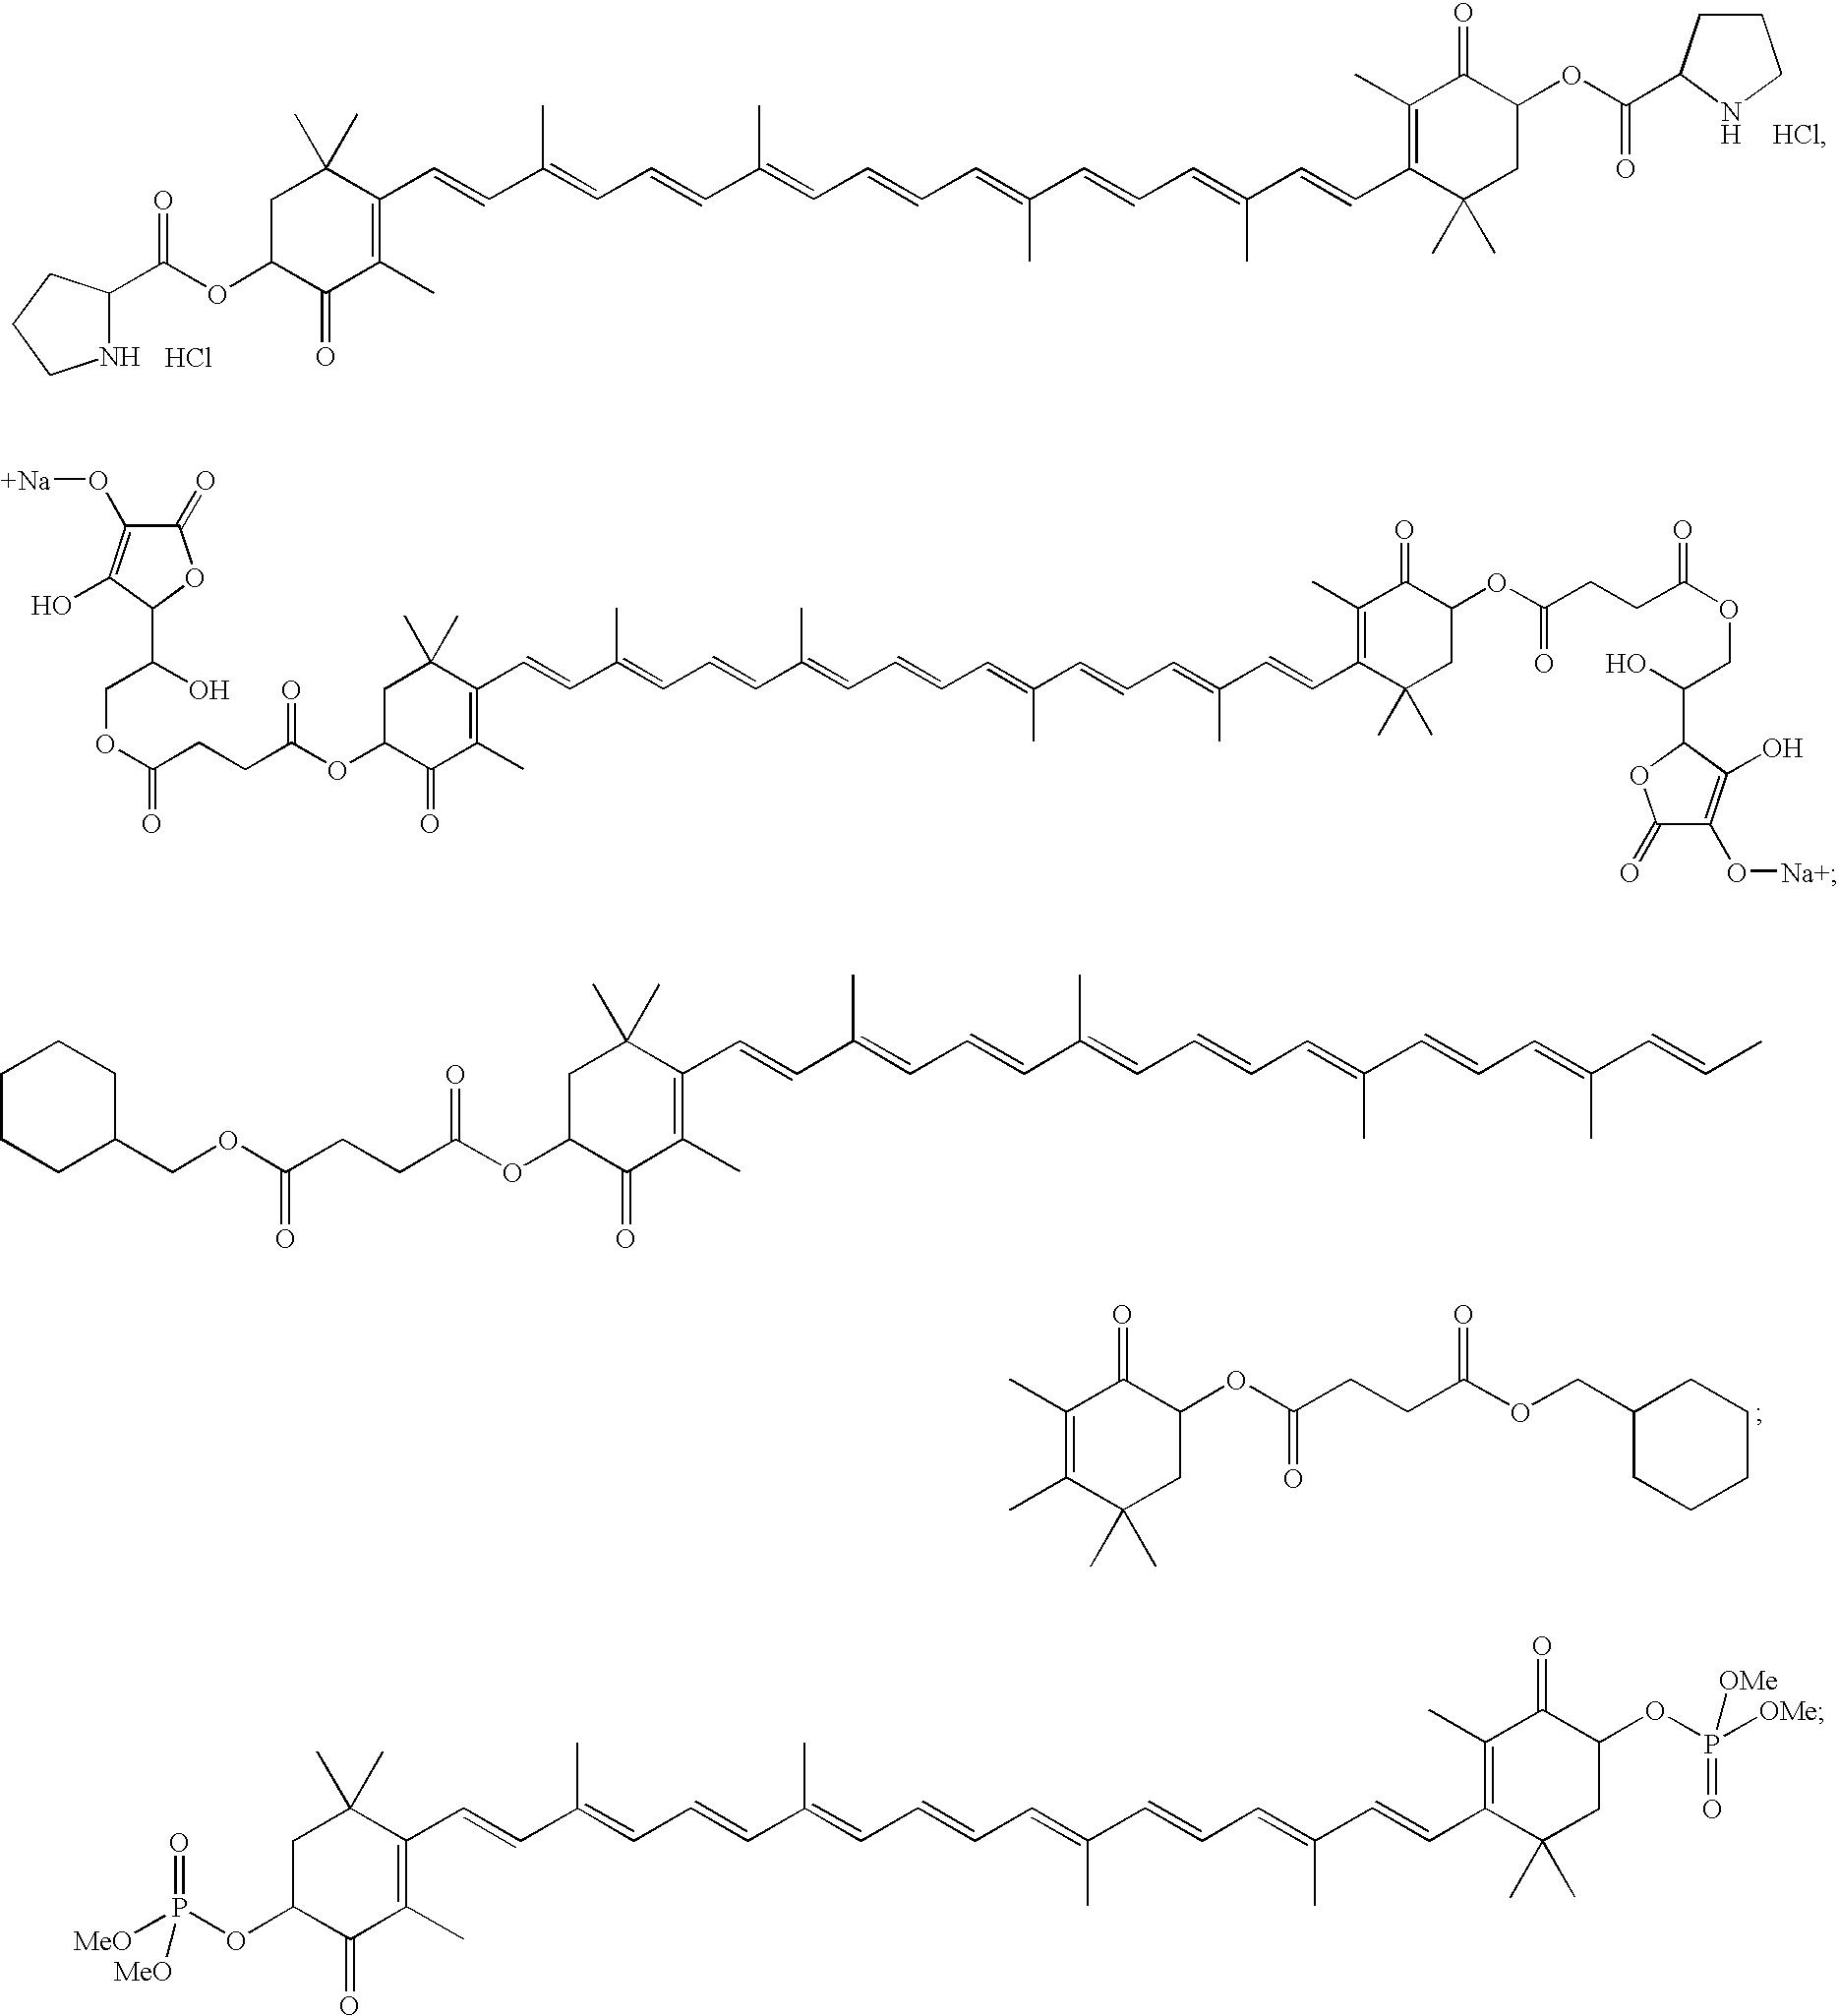 Figure US20050075337A1-20050407-C00047